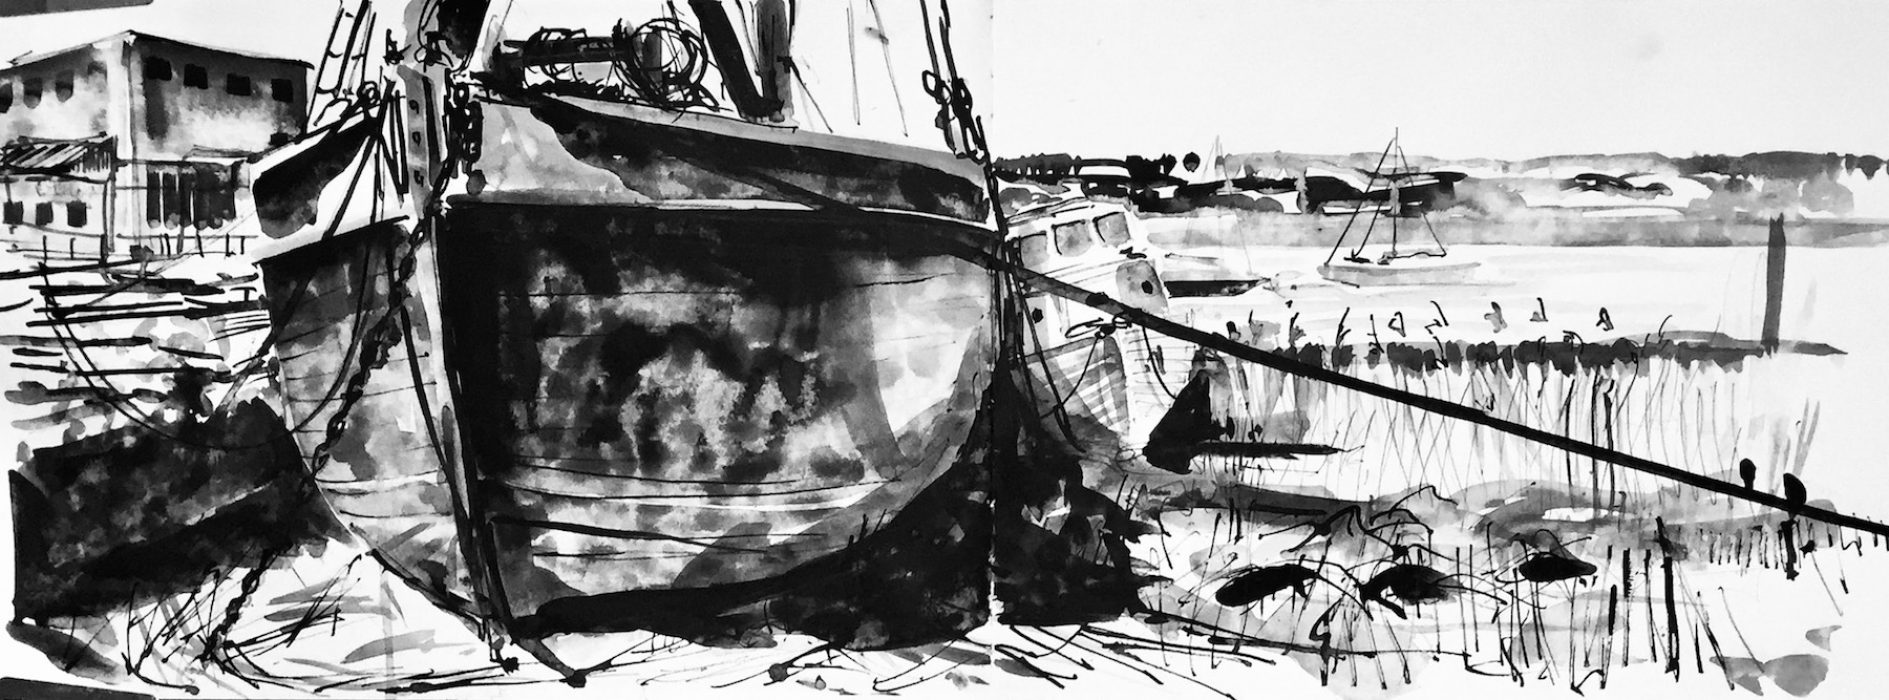 Topsham Barge 2018 35x45cms